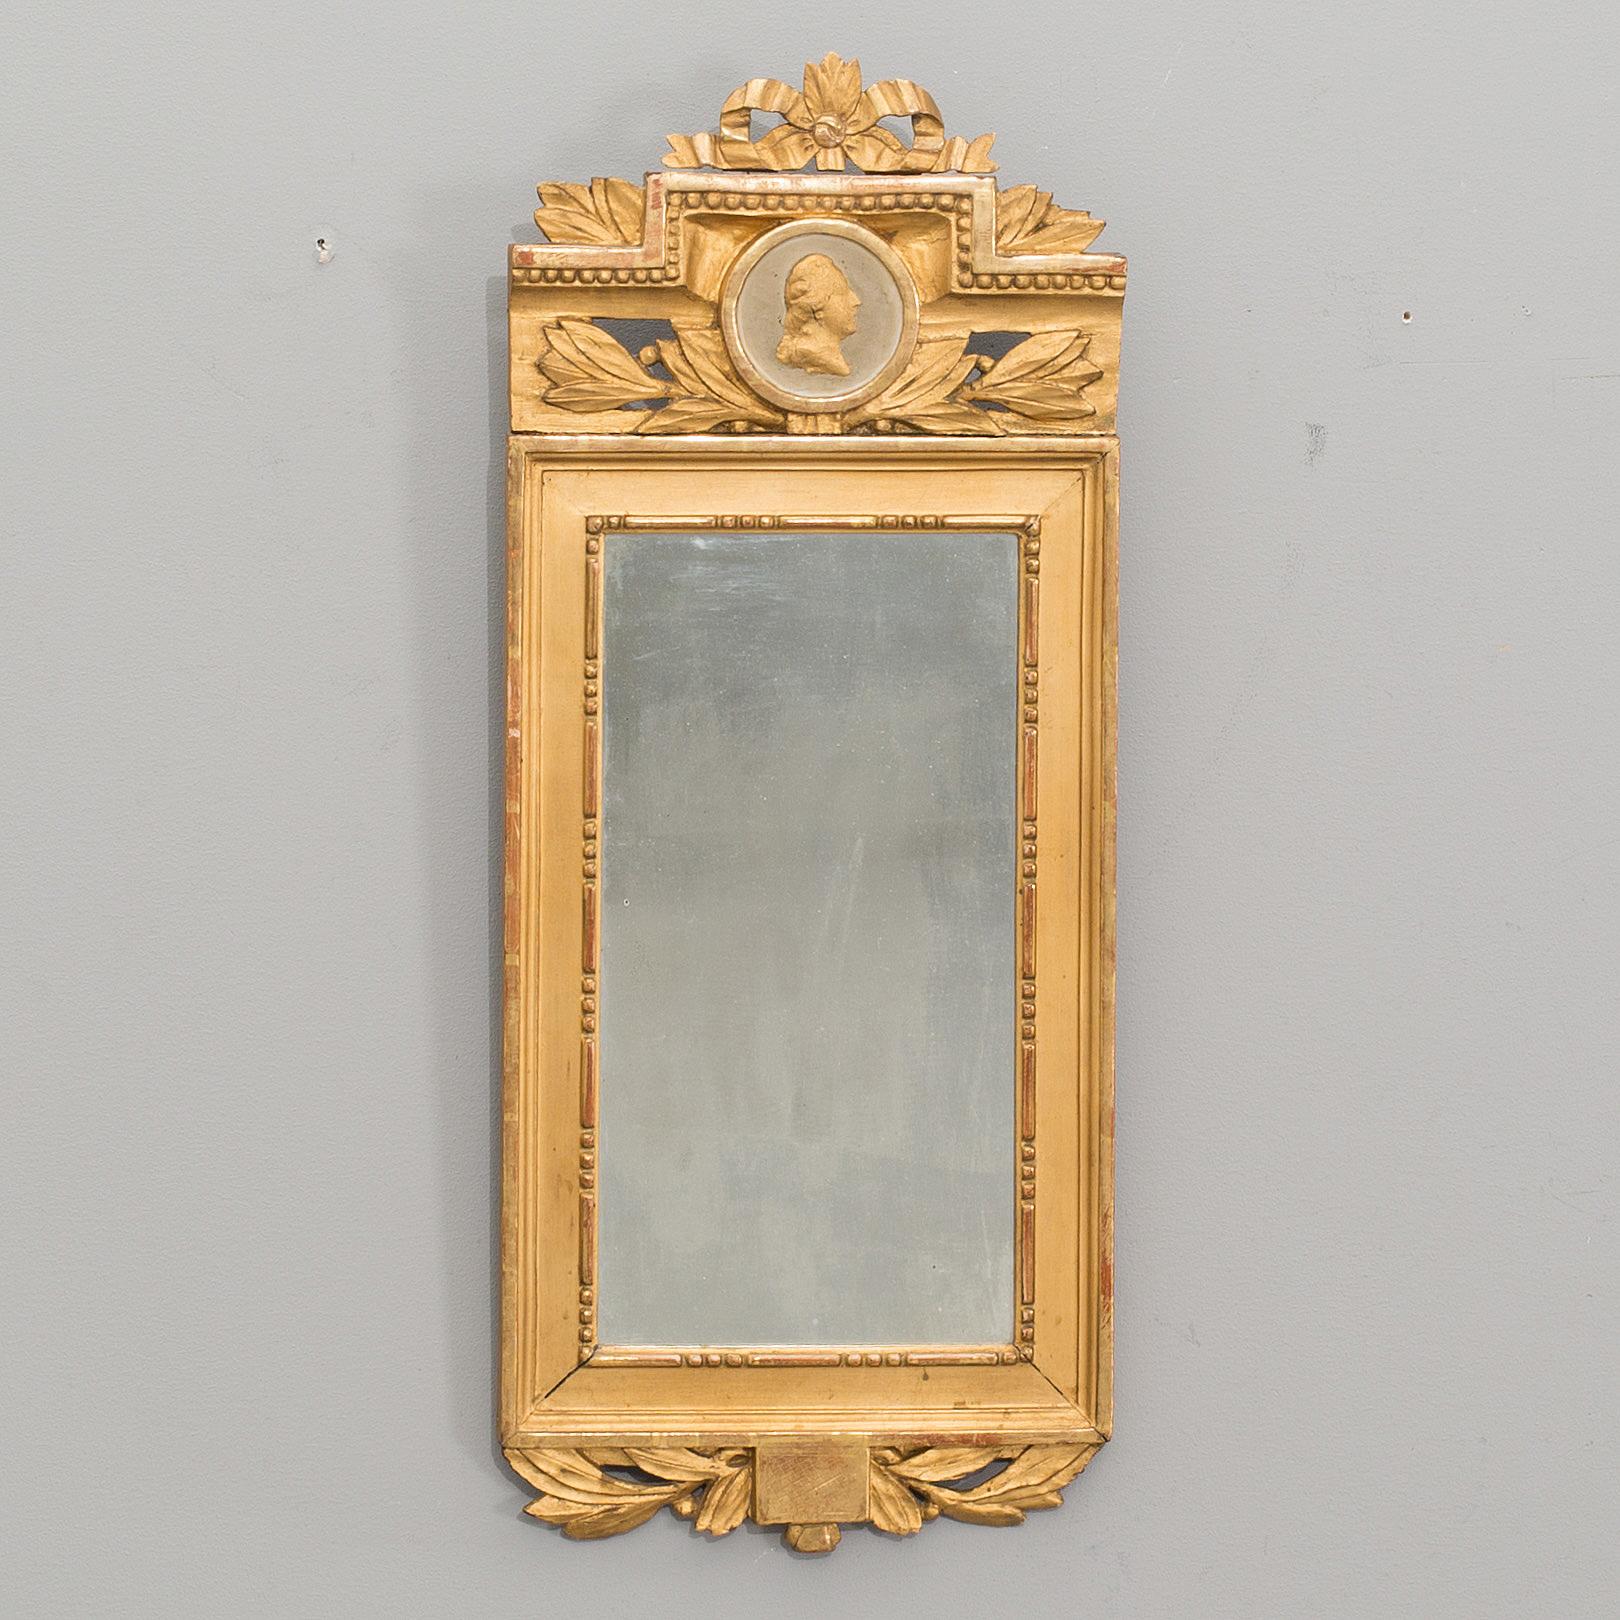 An app 1800 gustavian style mirror  - Bukowskis